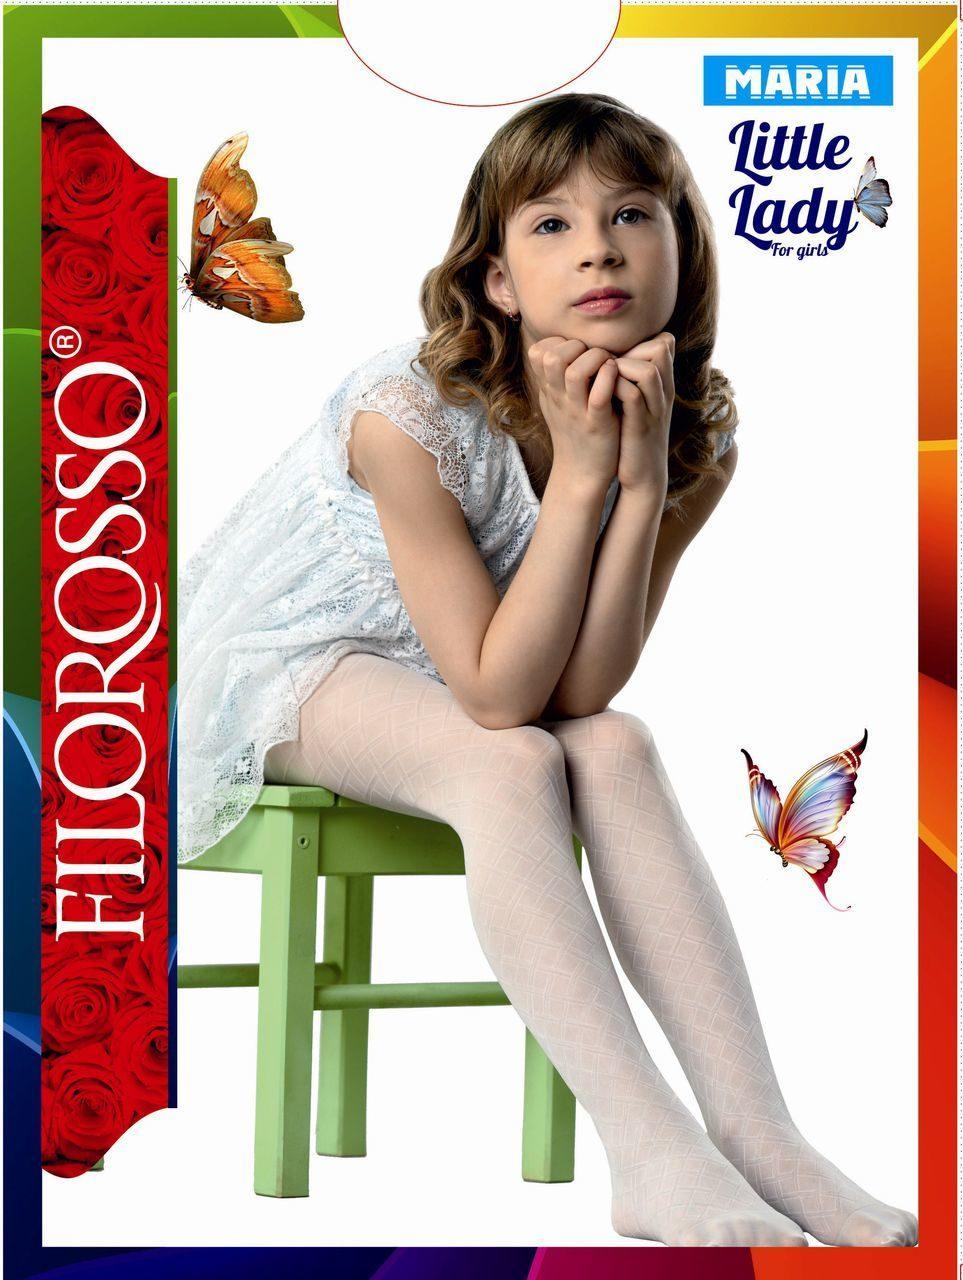 Купить Колготки детские Filorosso Сетка-Ромбик 40 den, белый, р.104-110, Колготки для девочек